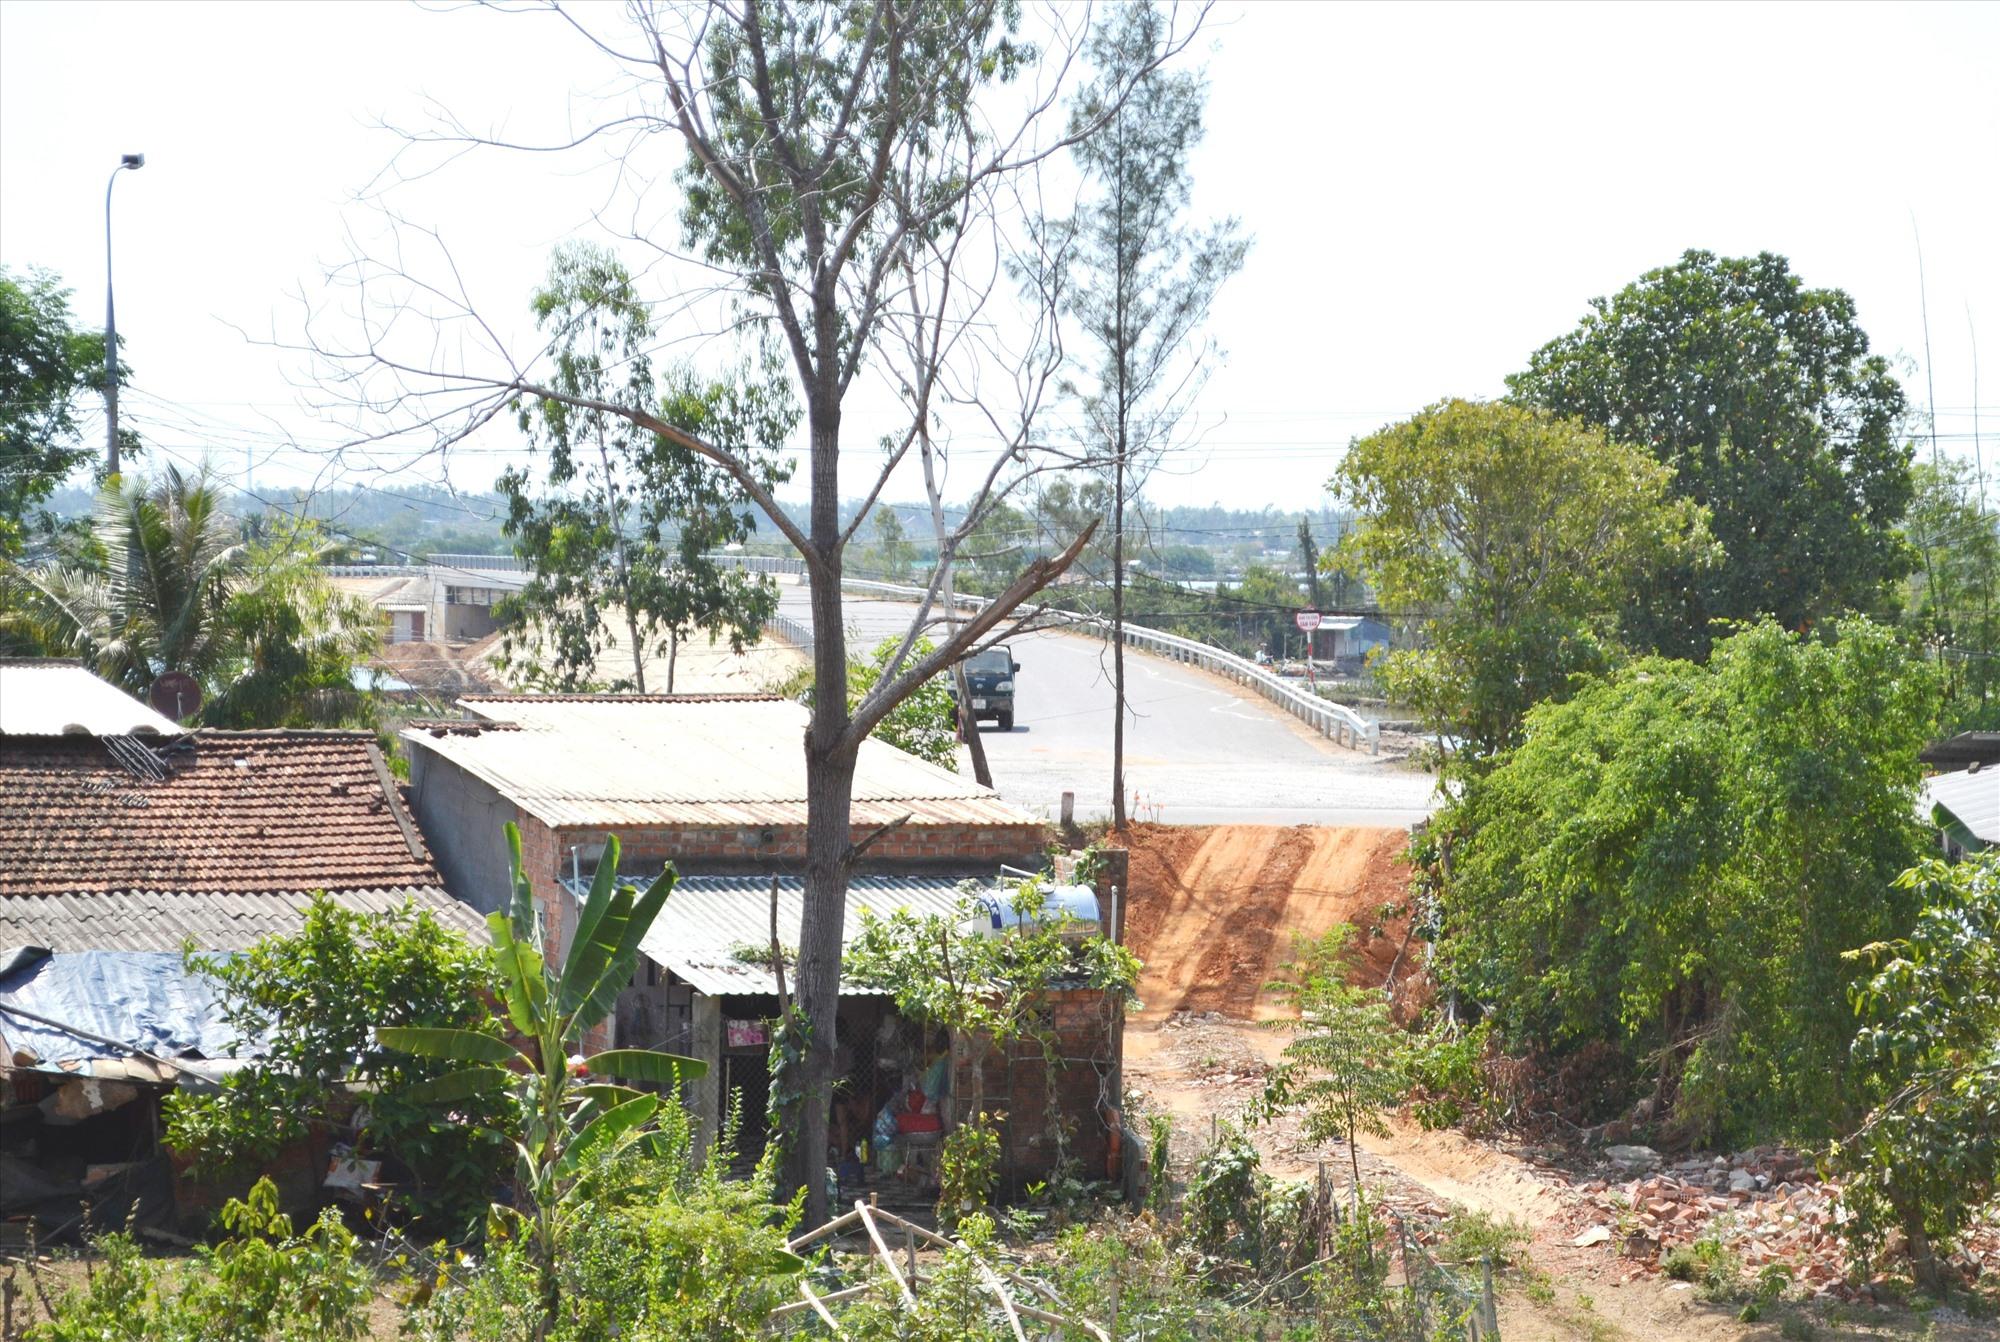 Đoạn qua nút giao đường ĐT618 (xã Tam Quang) mới GPMB được vệt bên trái tuyến (theo hướng tuyến dự án).